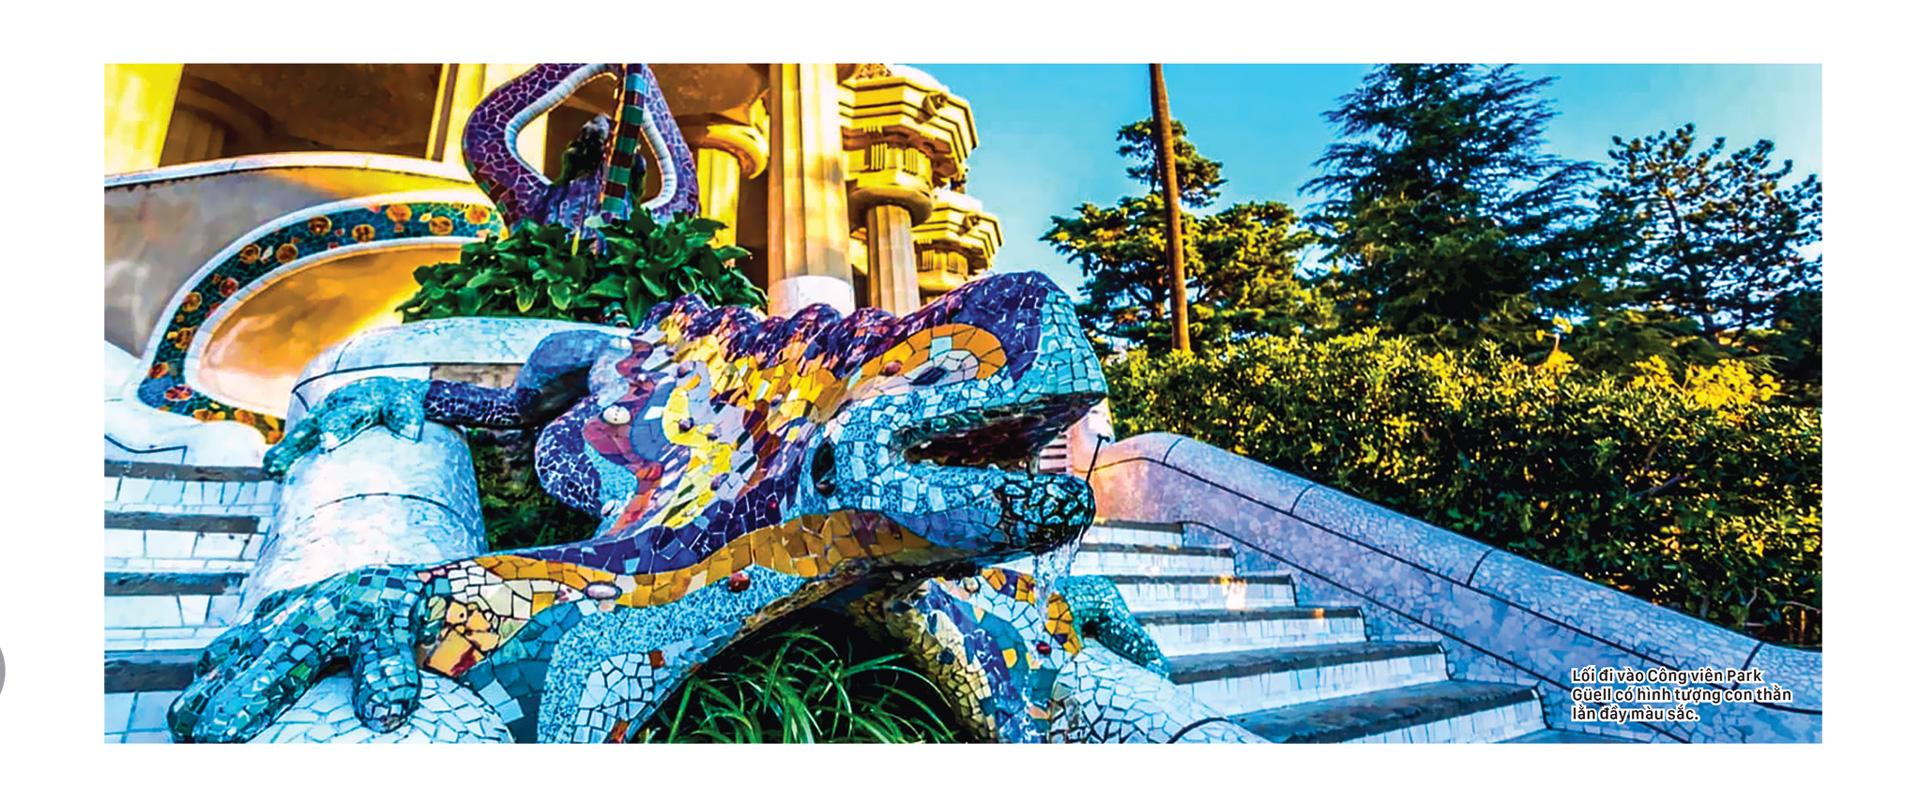 Thiên đường kiến trúc Gaudí ở Barcelona ảnh 3